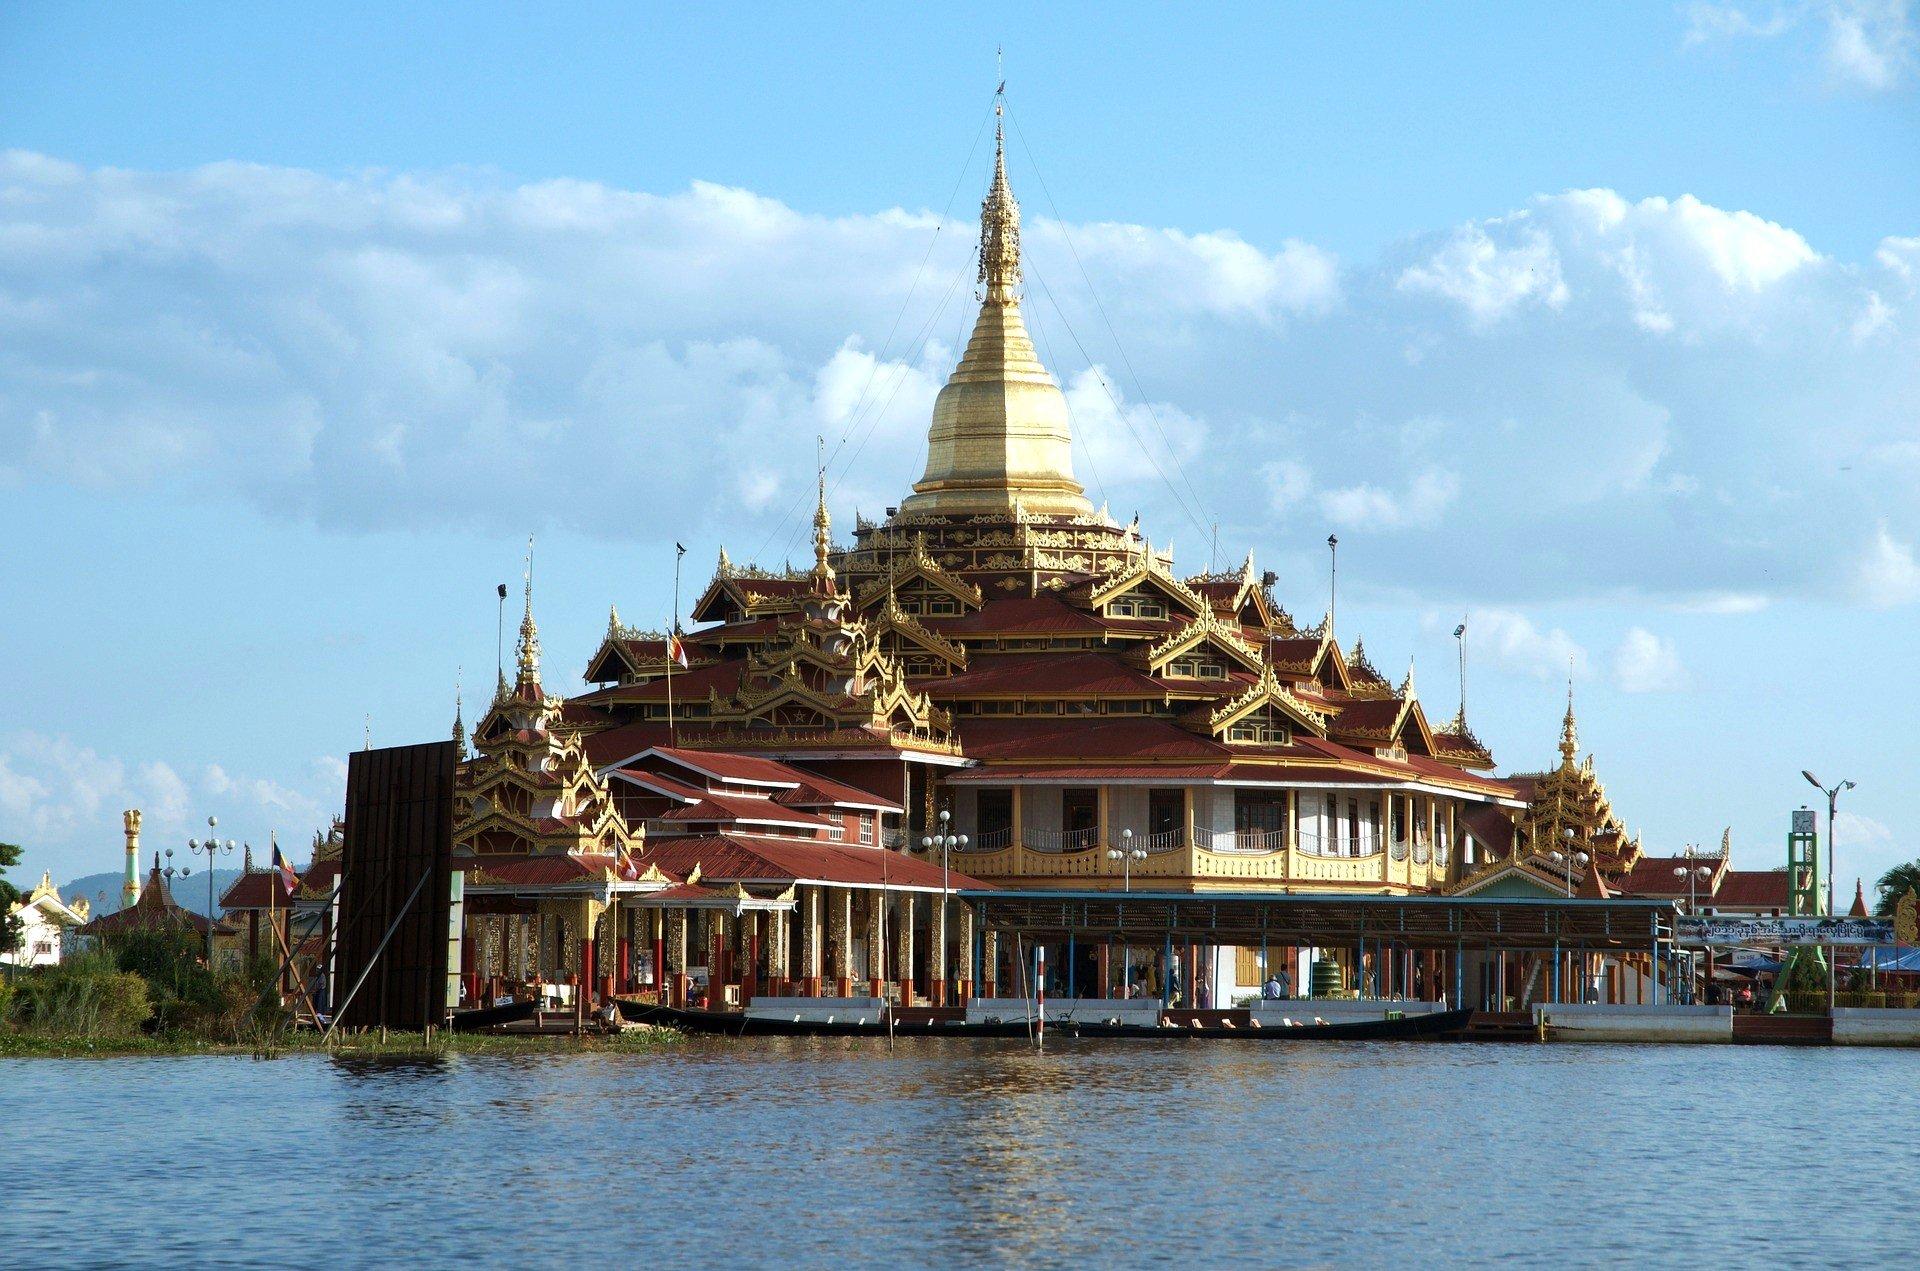 Hpaung Daw U Pagoda near Inle Lake